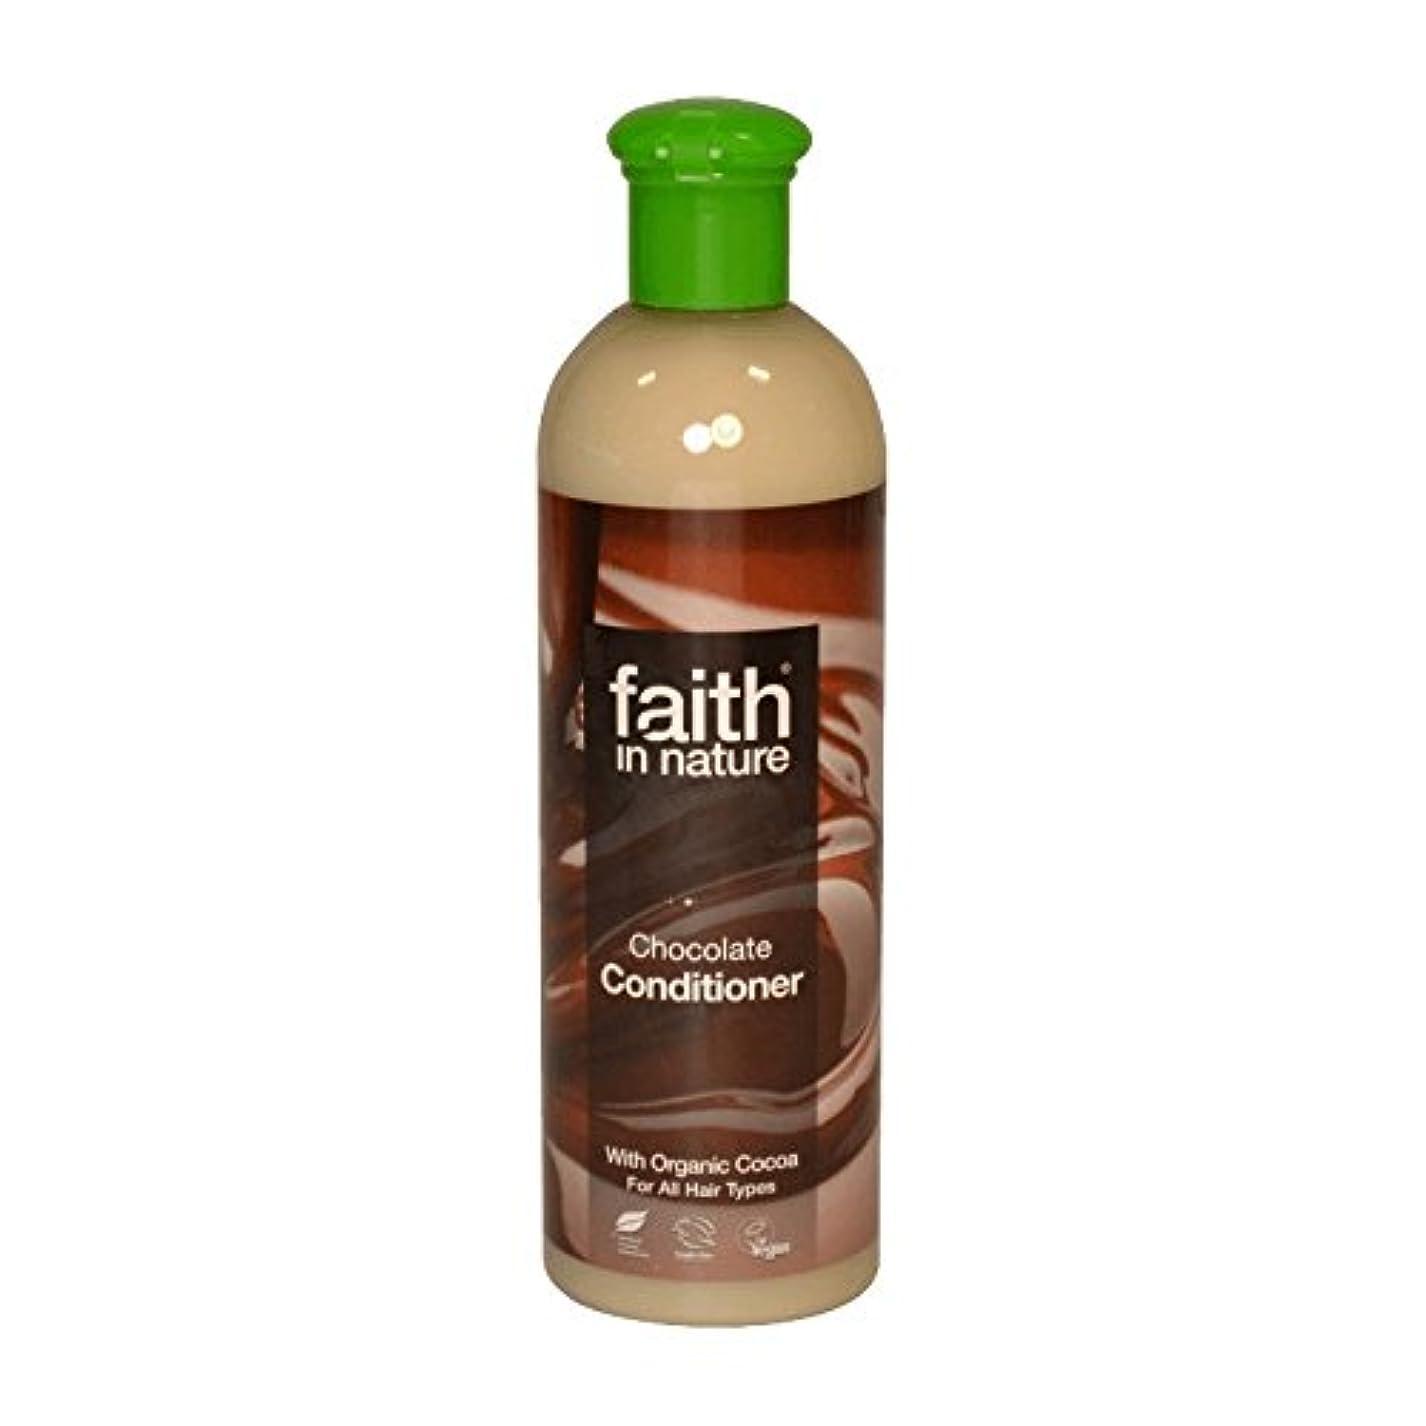 ジム政治的スローFaith In Nature Chocolate Conditioner 400ml (Pack of 6) - 自然チョコレートコンディショナー400ミリリットルの信仰 (x6) [並行輸入品]